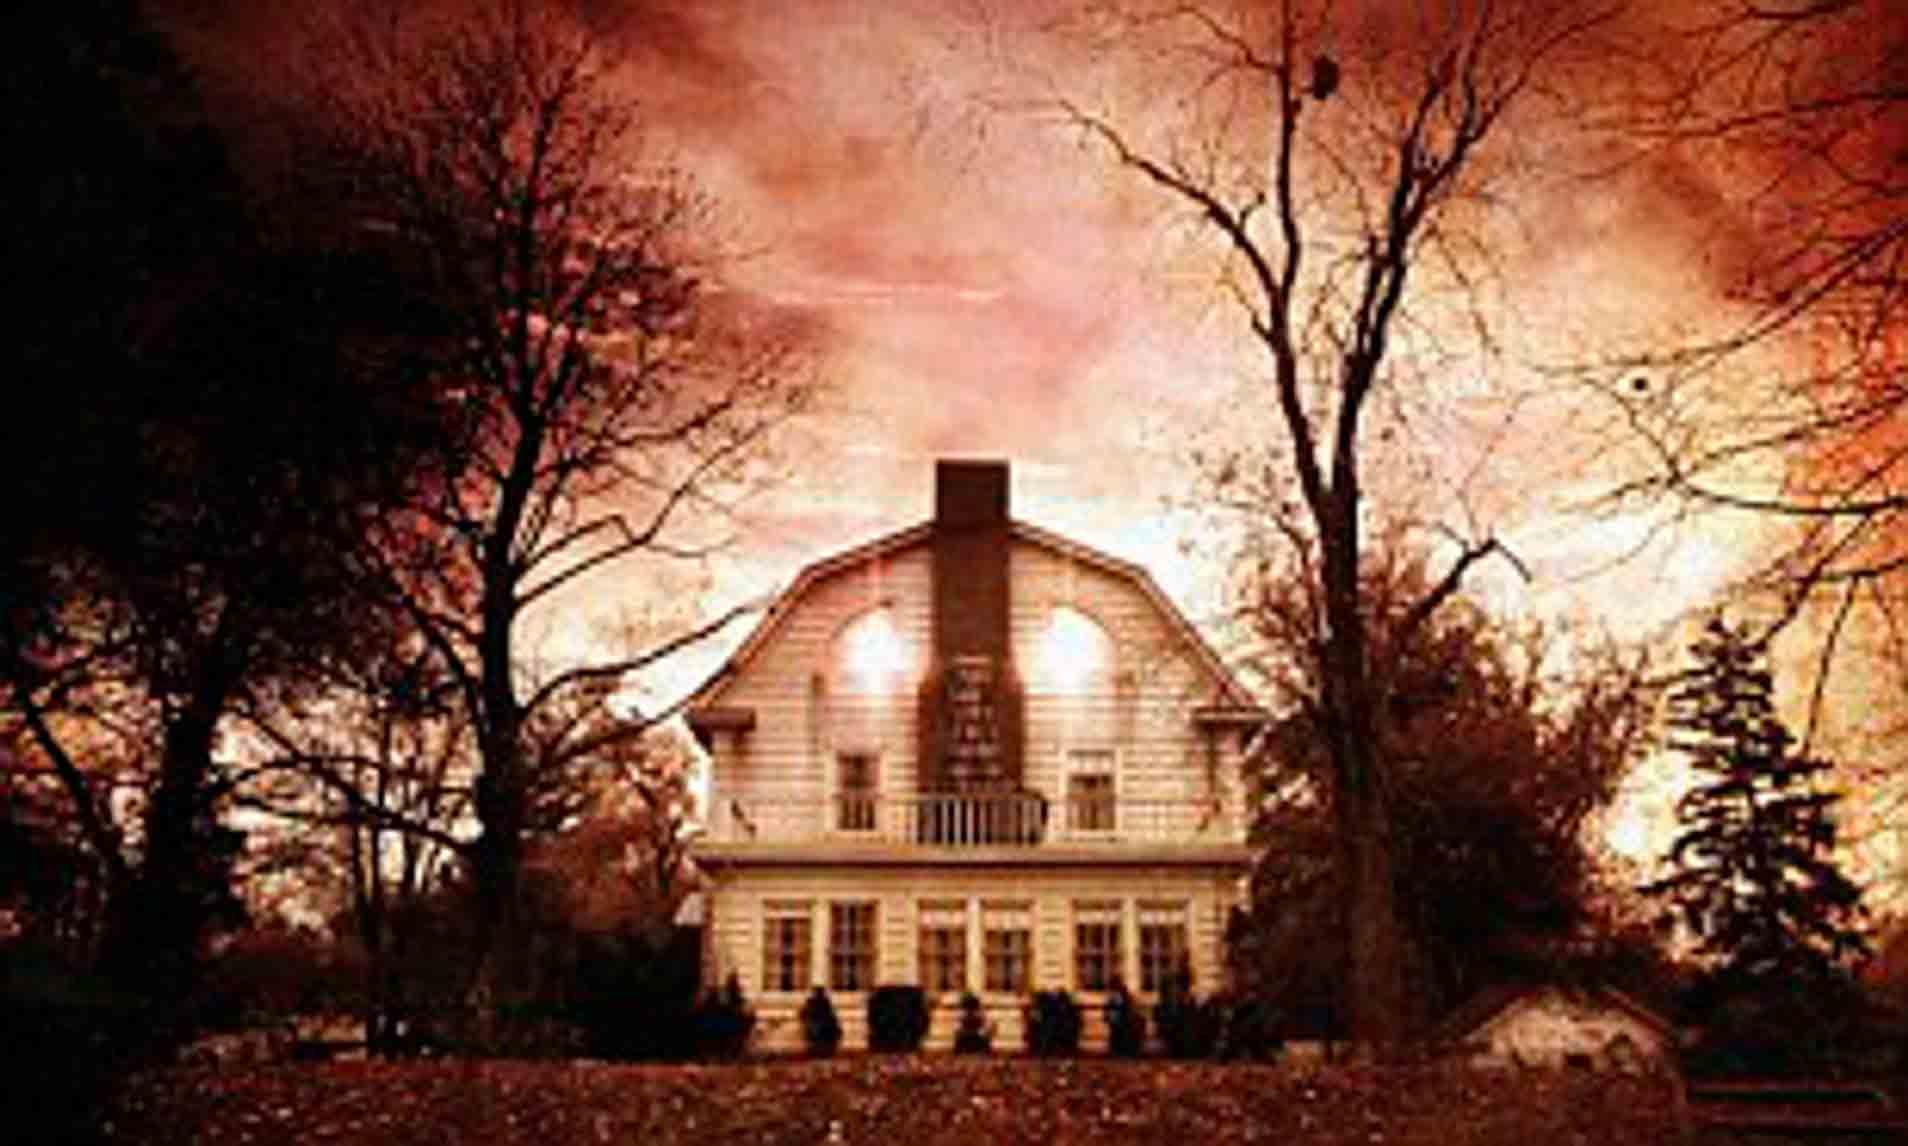 La verdad detrás de la casa de Amityville